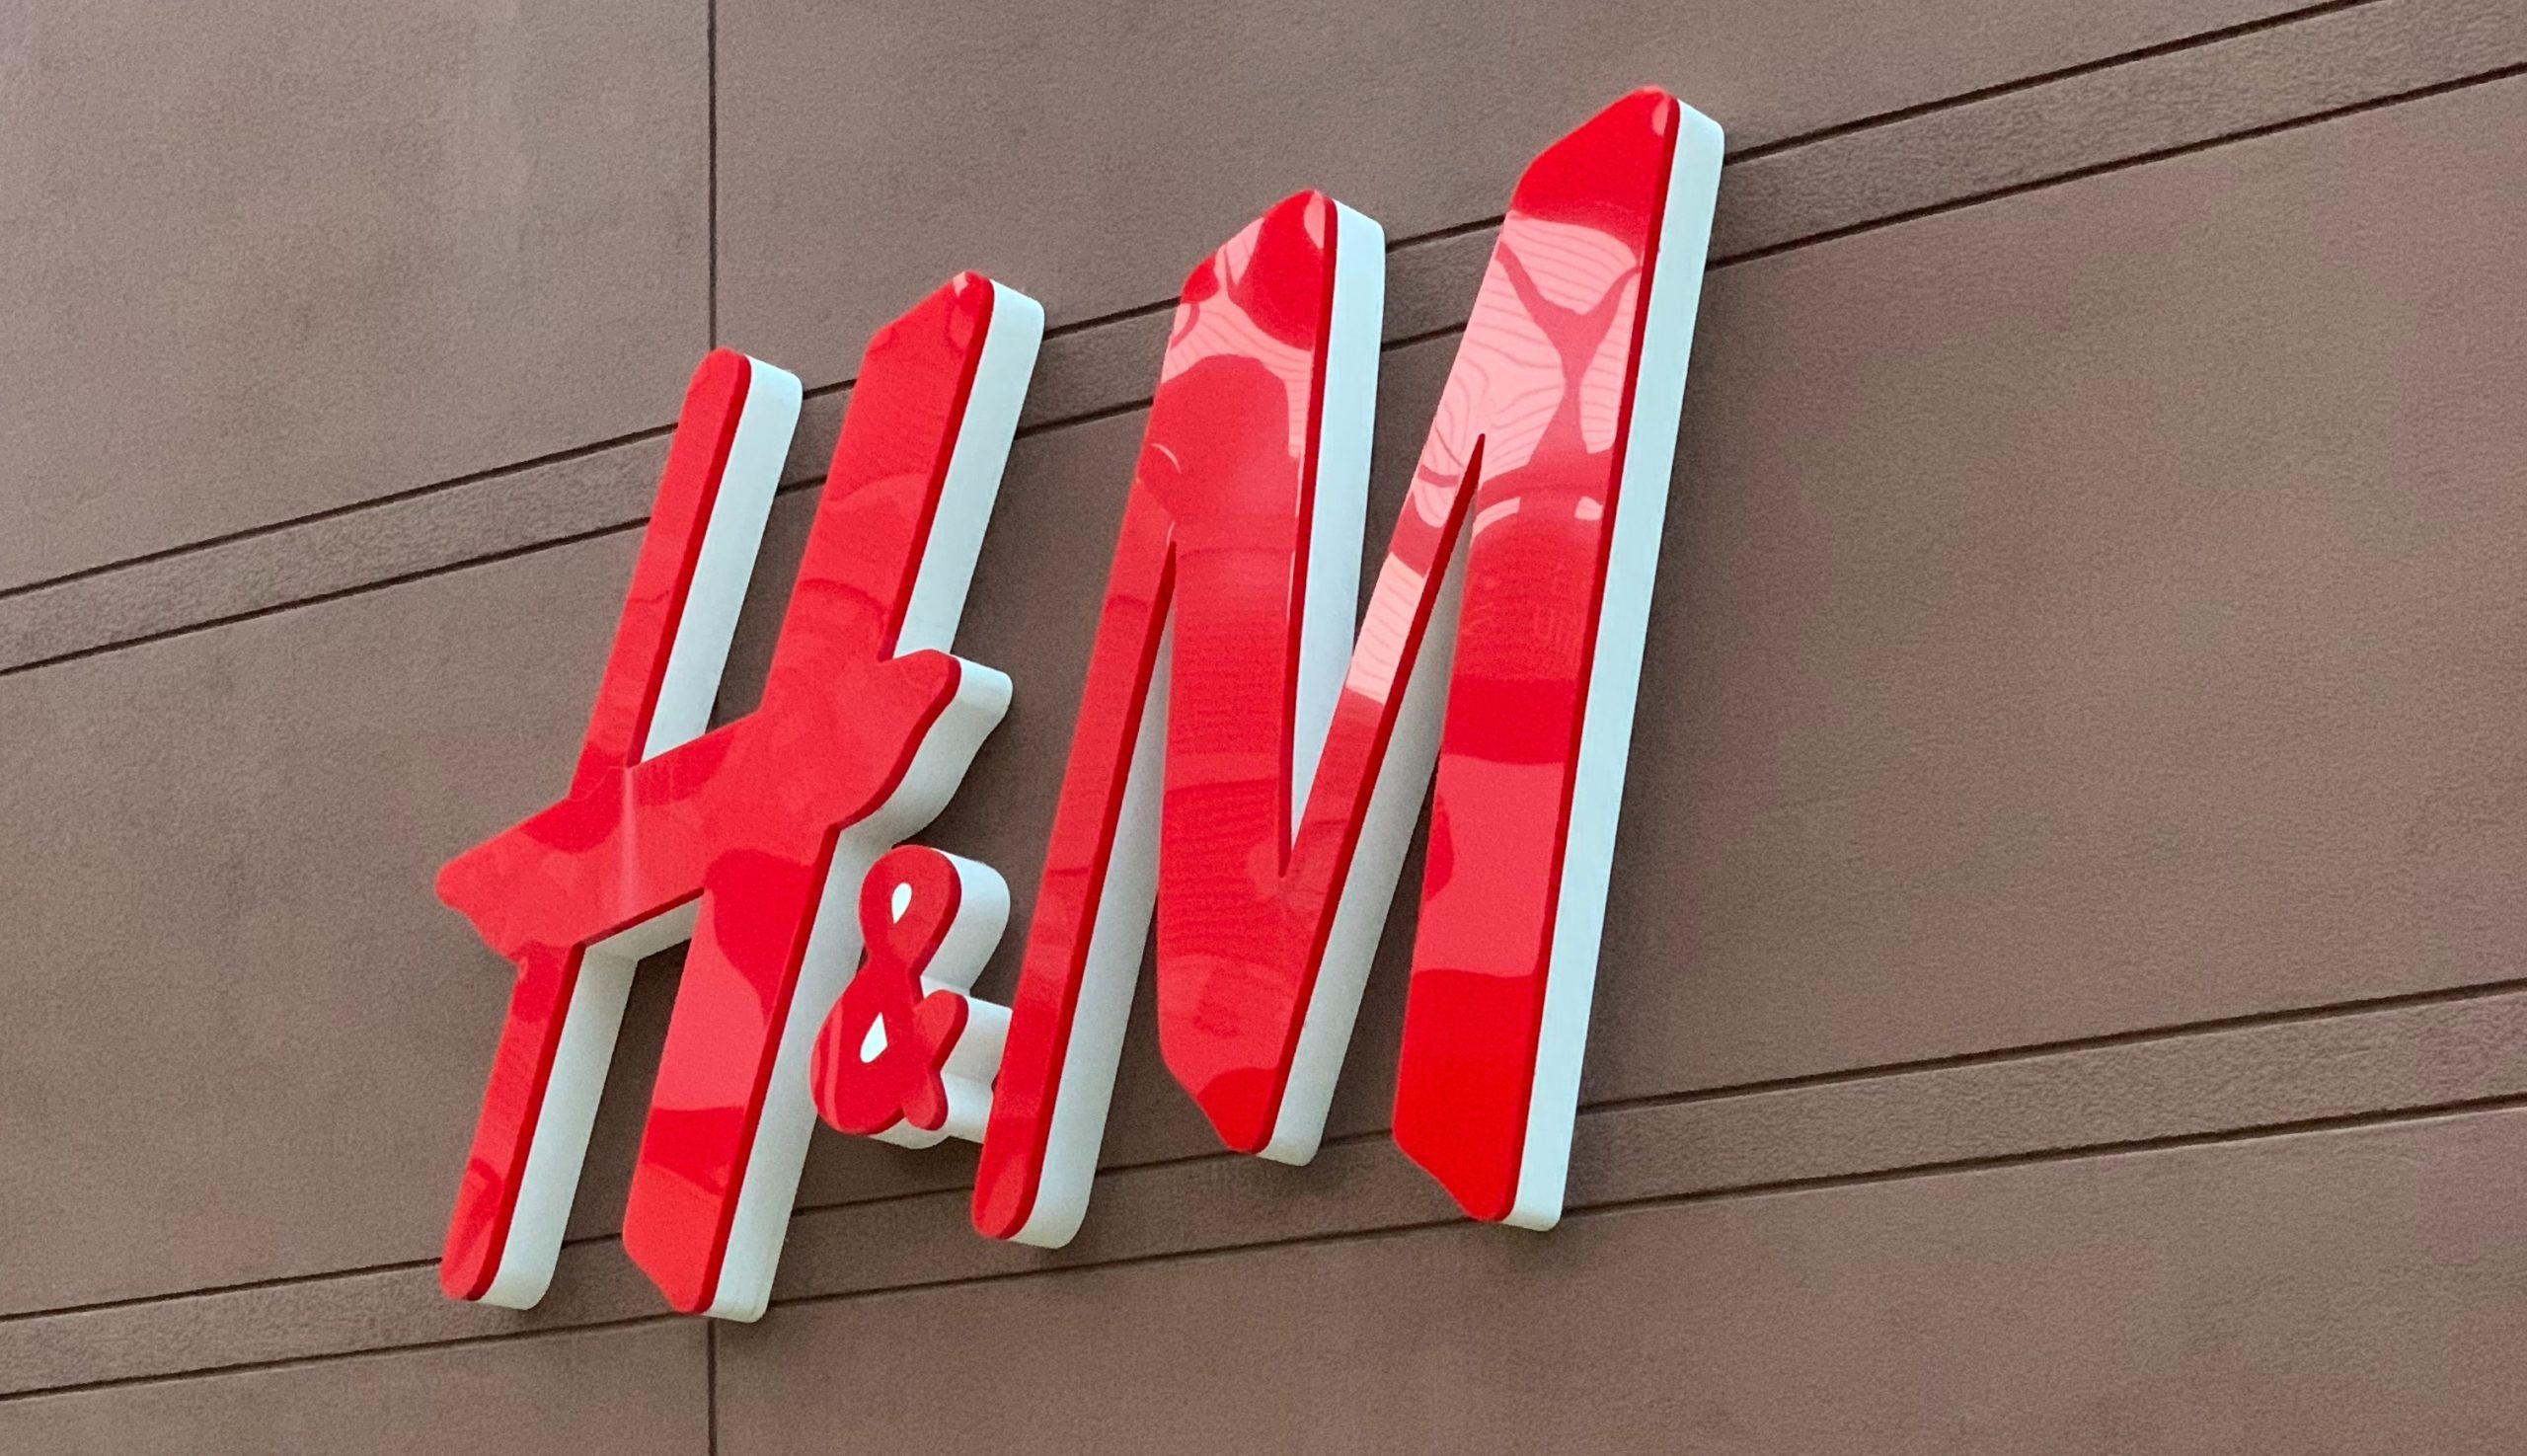 Dünyaca ünlü giyim markası H&M'den sağlık çalışanlarına büyük destek